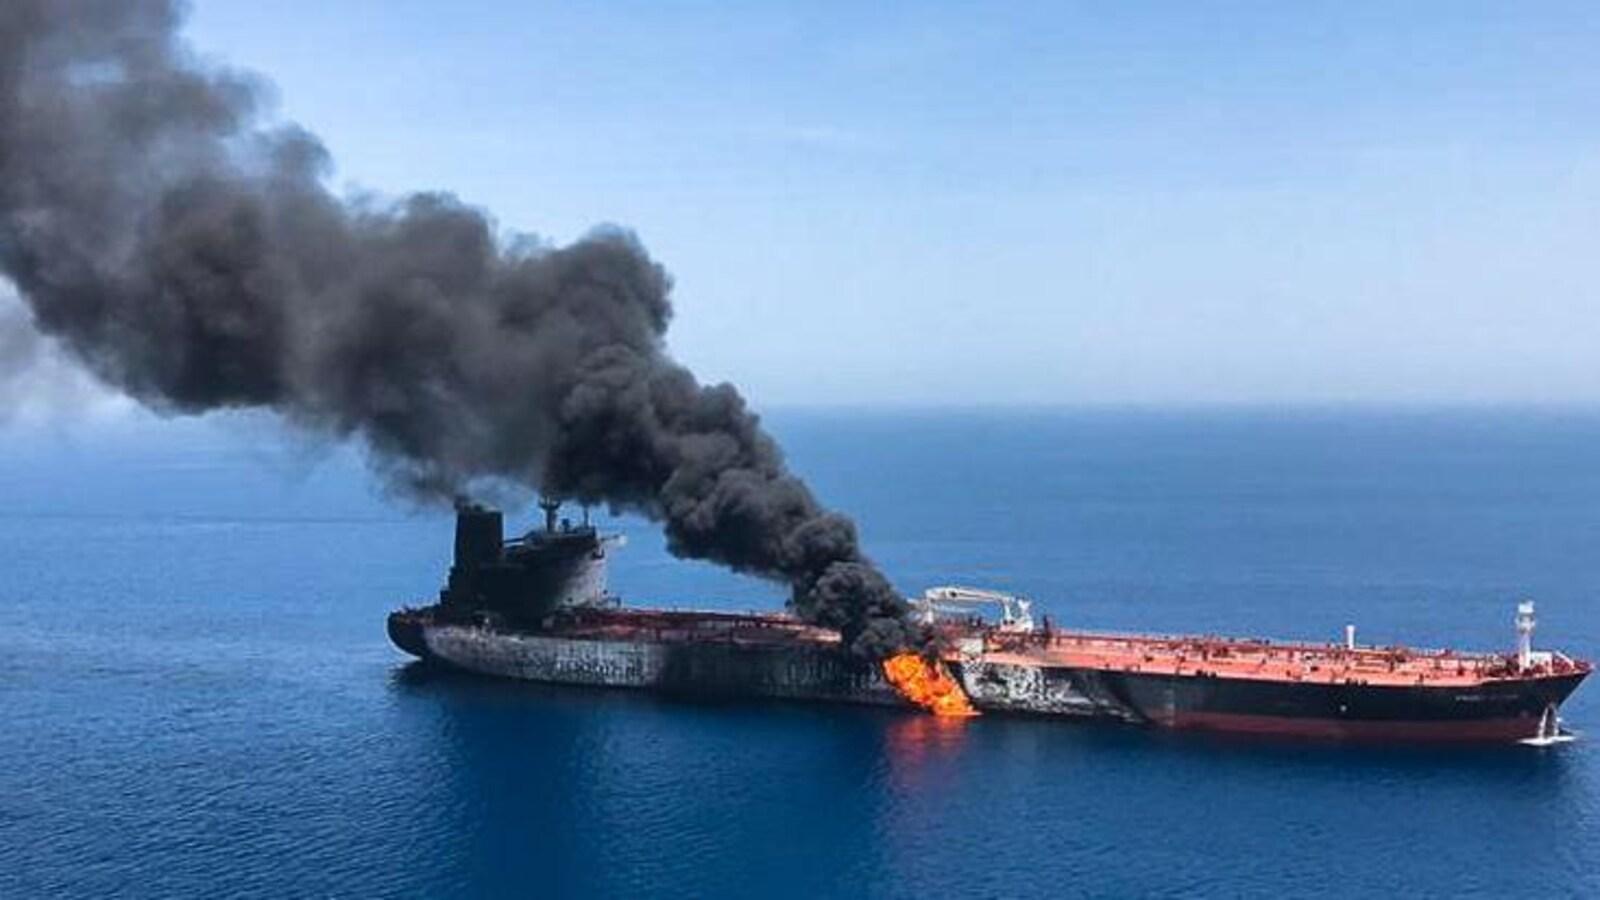 Des flammes et une colonne de fumée s'élèvent d'un pétrolier en mer.